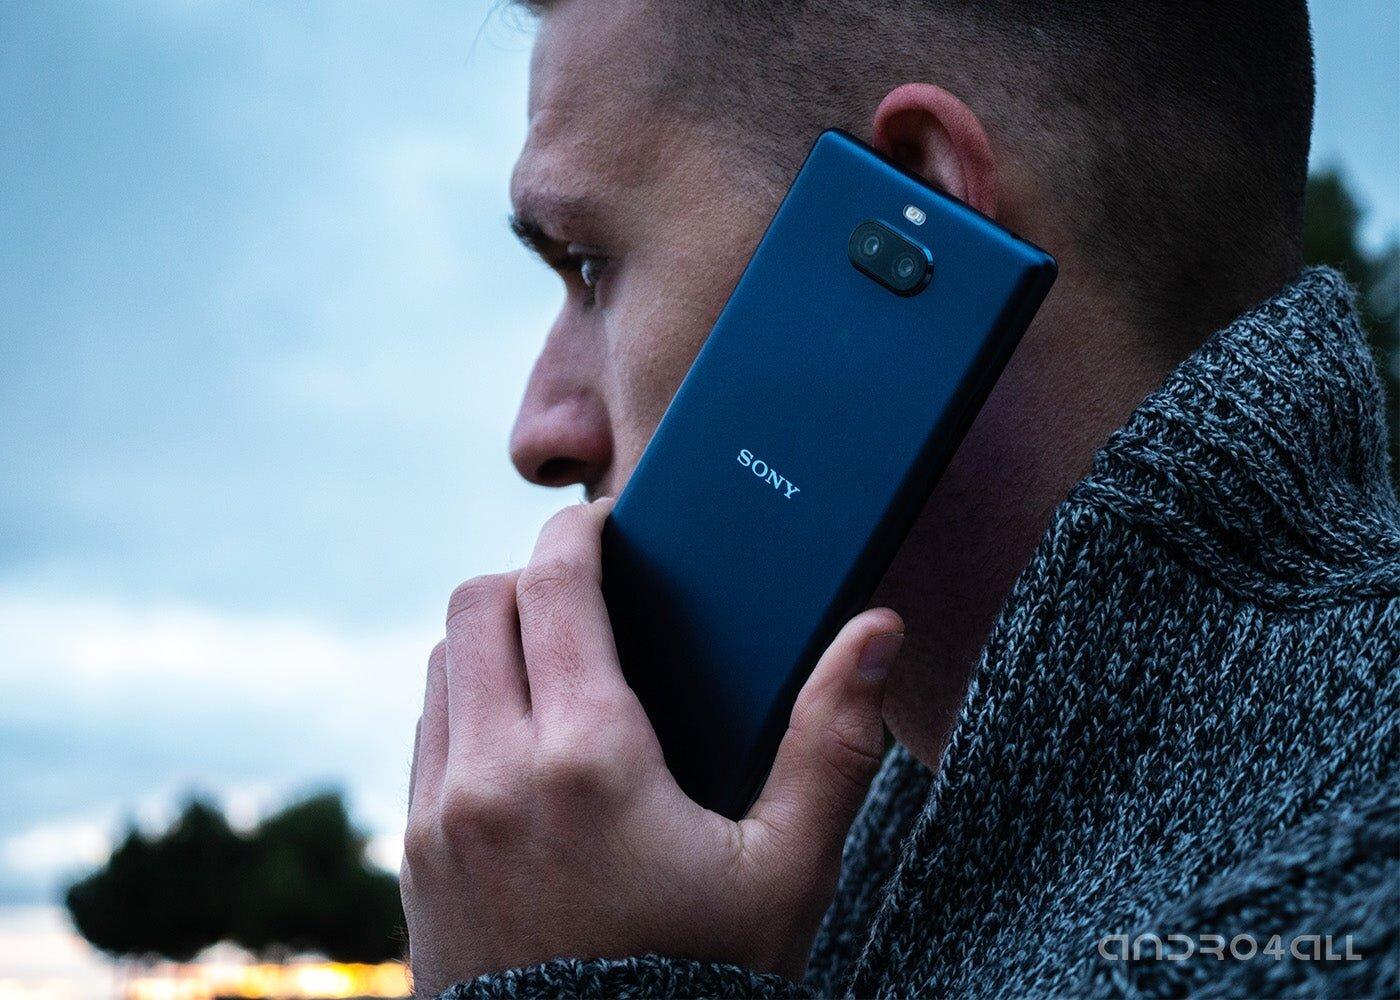 Appel téléphonique avec un mobile Sony